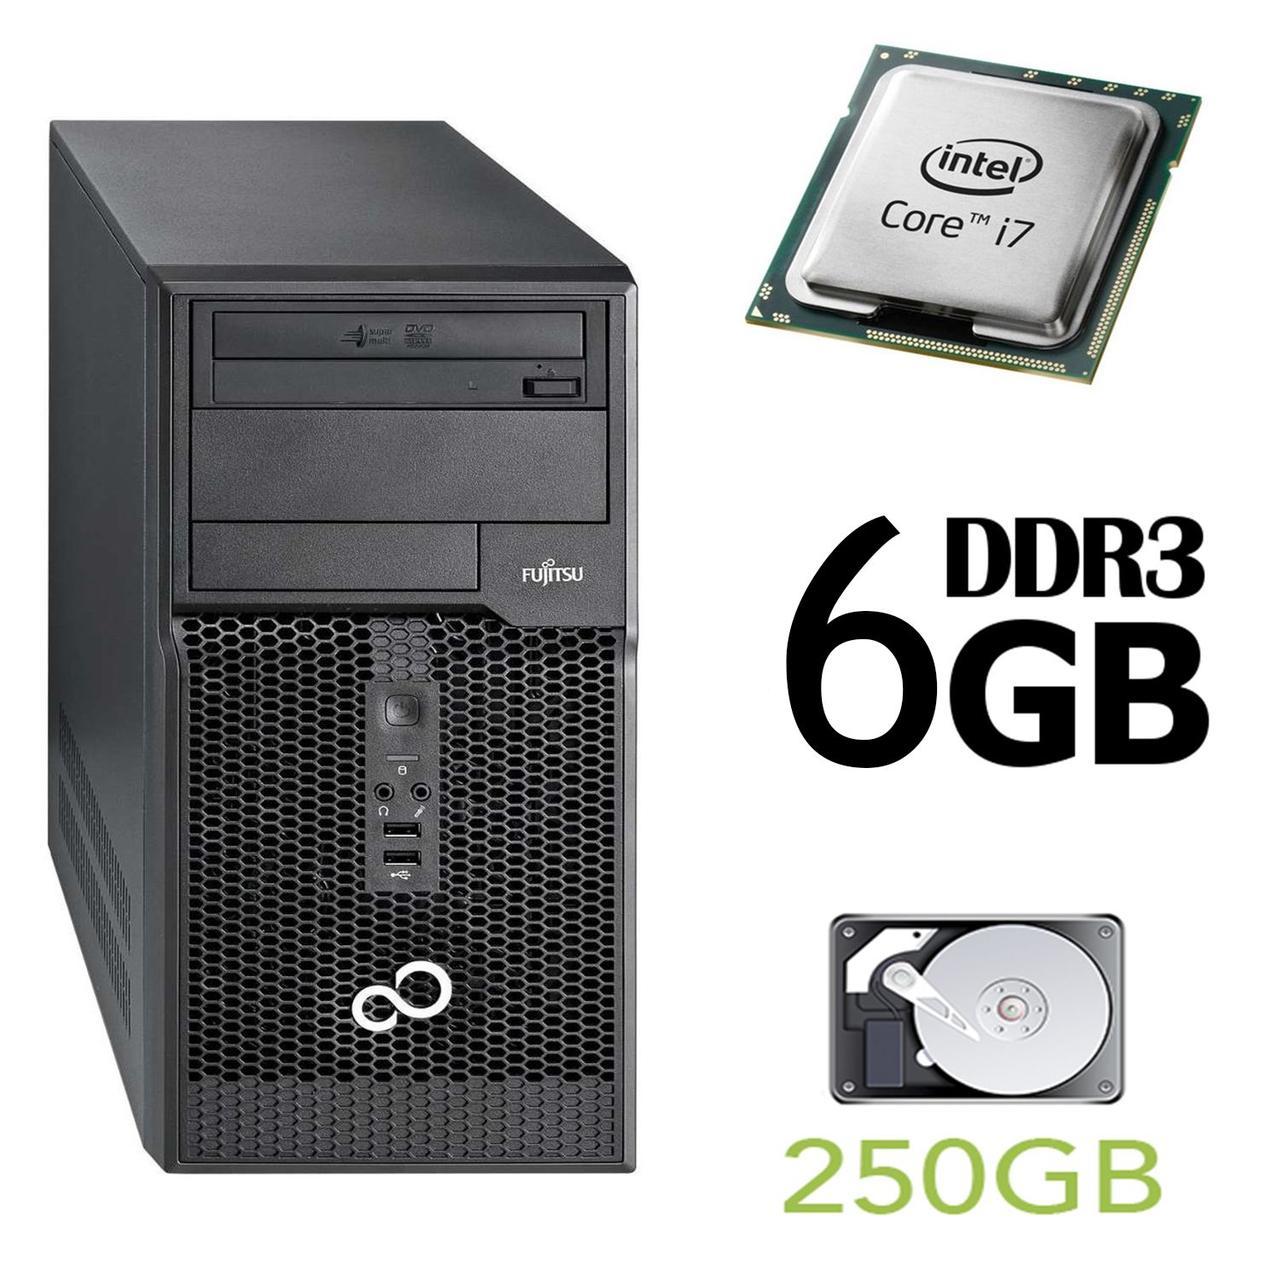 Fujitsu p510 Tower / Intel Core i7-2600 (4(8) ядра по 3.4-3.8GHz) / 6GB DDR3 / 250GB HDD